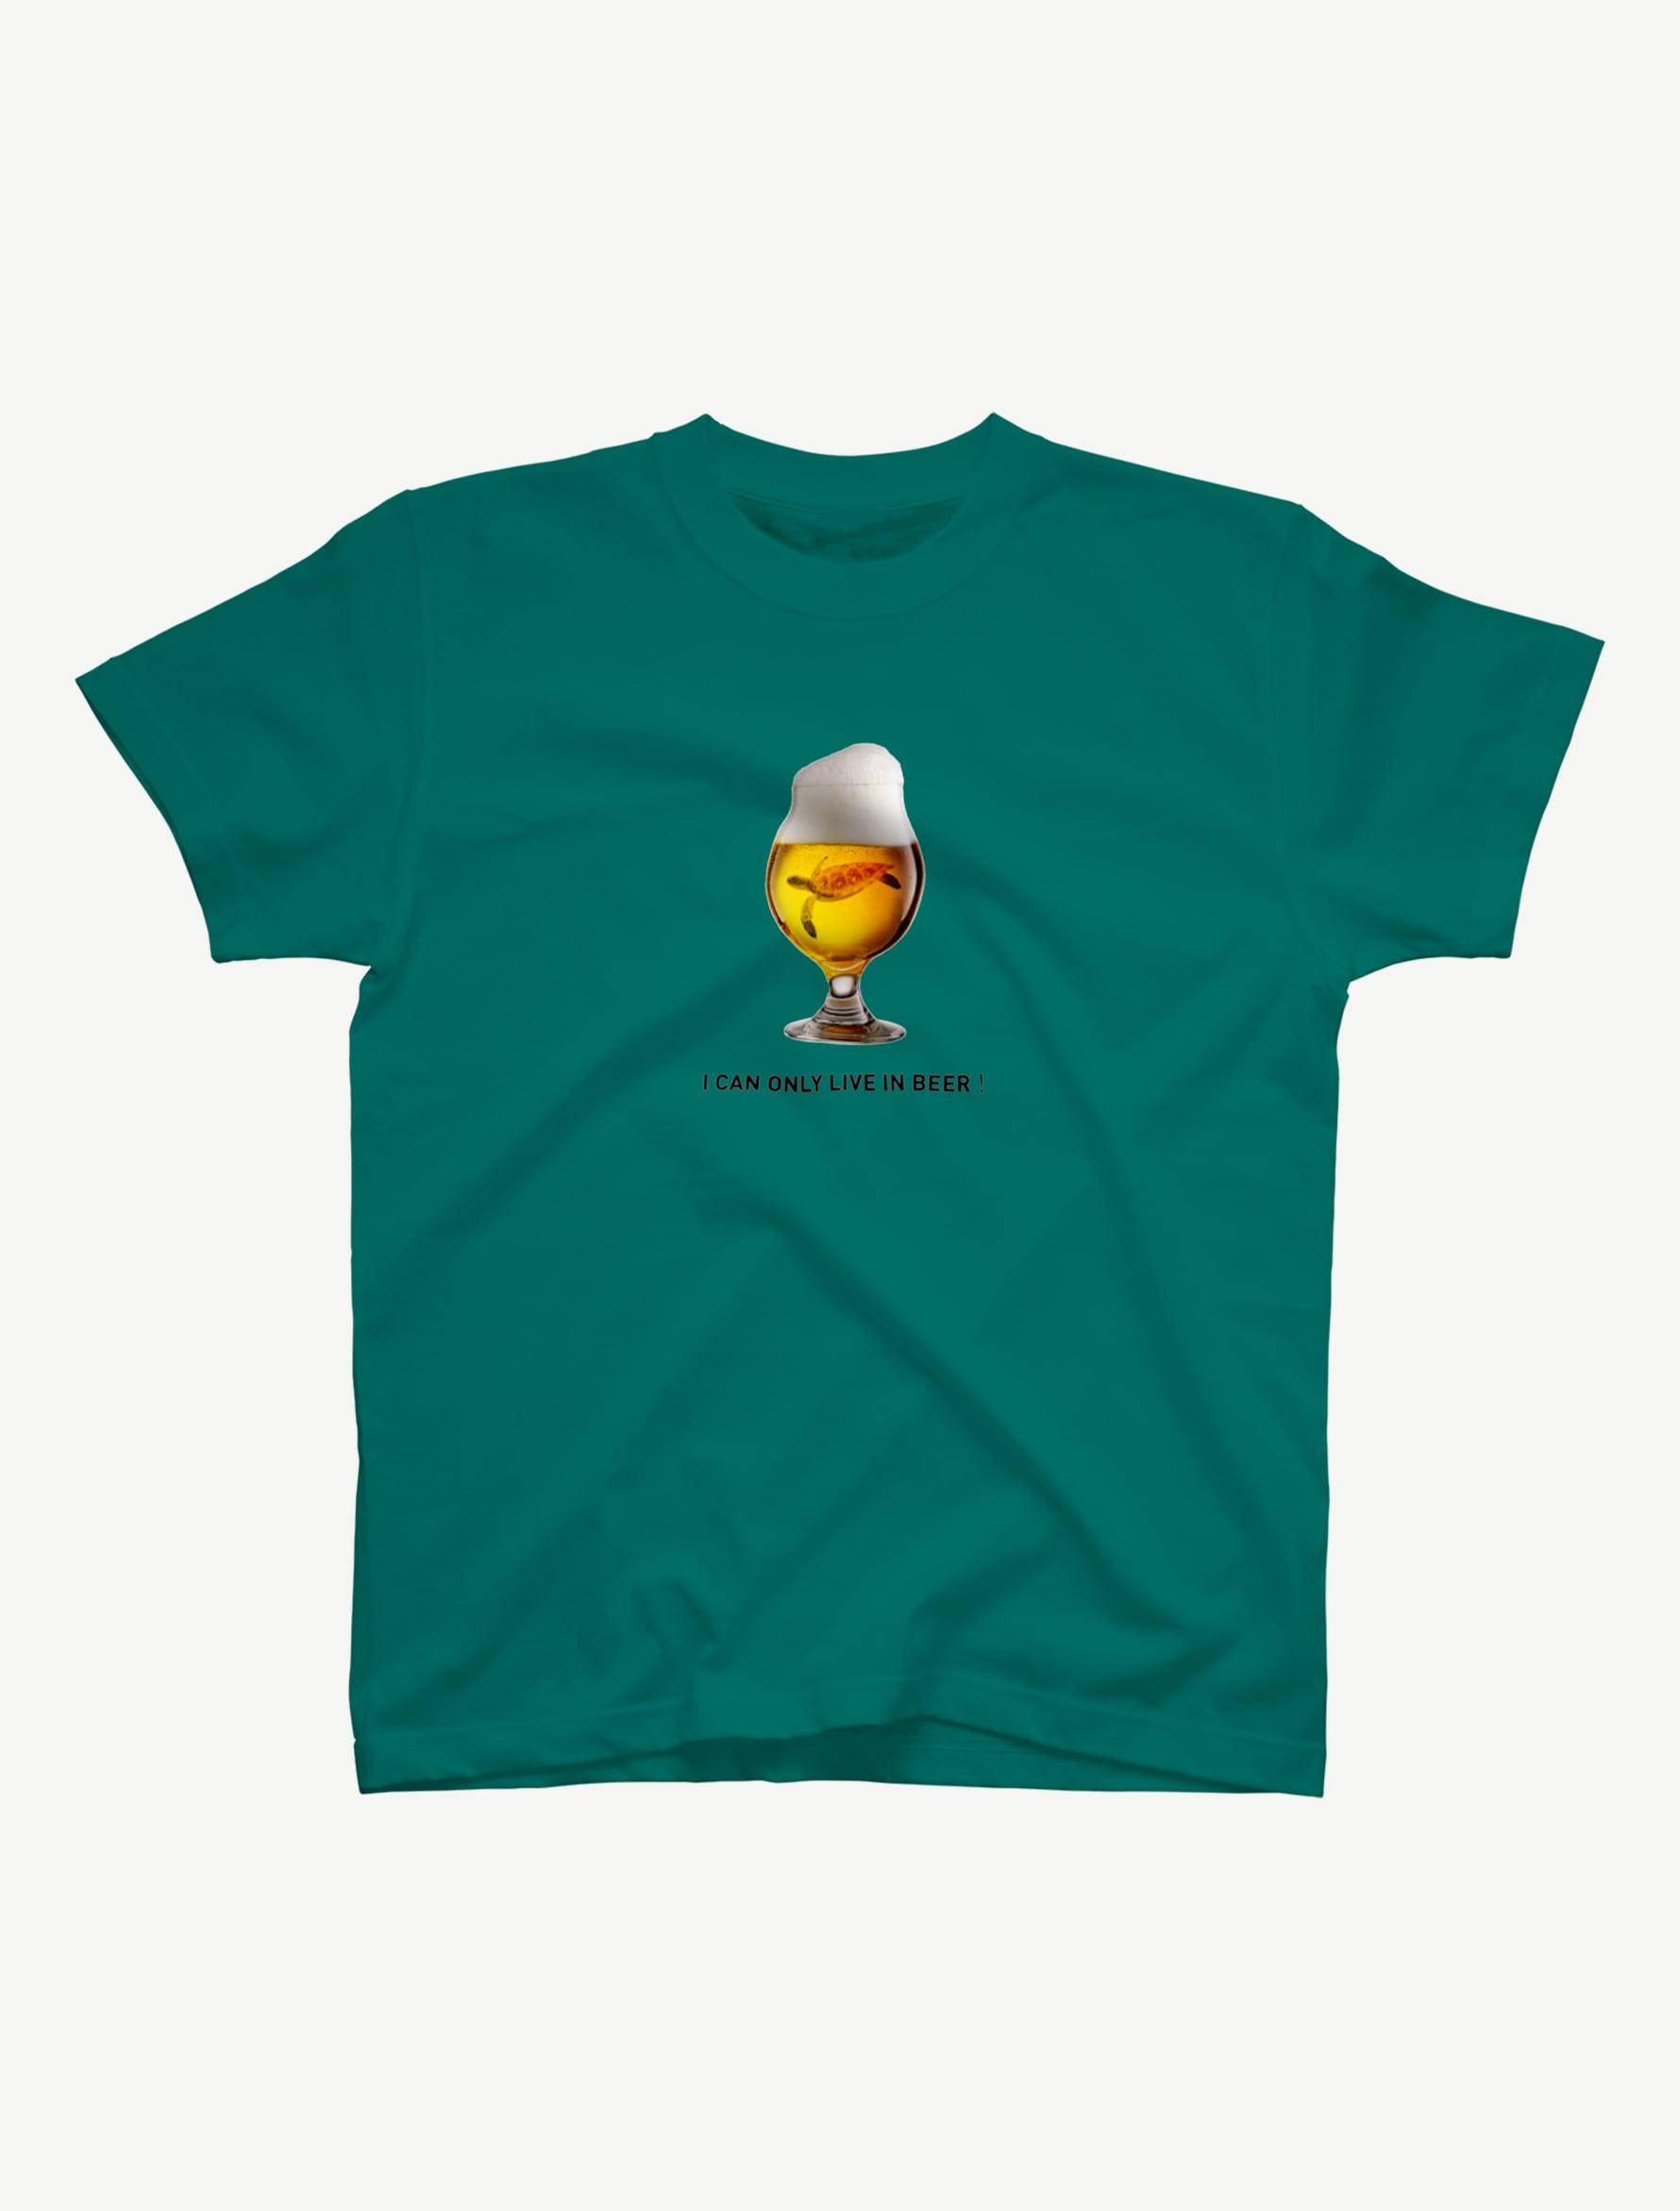 【ビールの中でしか・・・ウミガメ】Tシャツ(アップルグリーン)